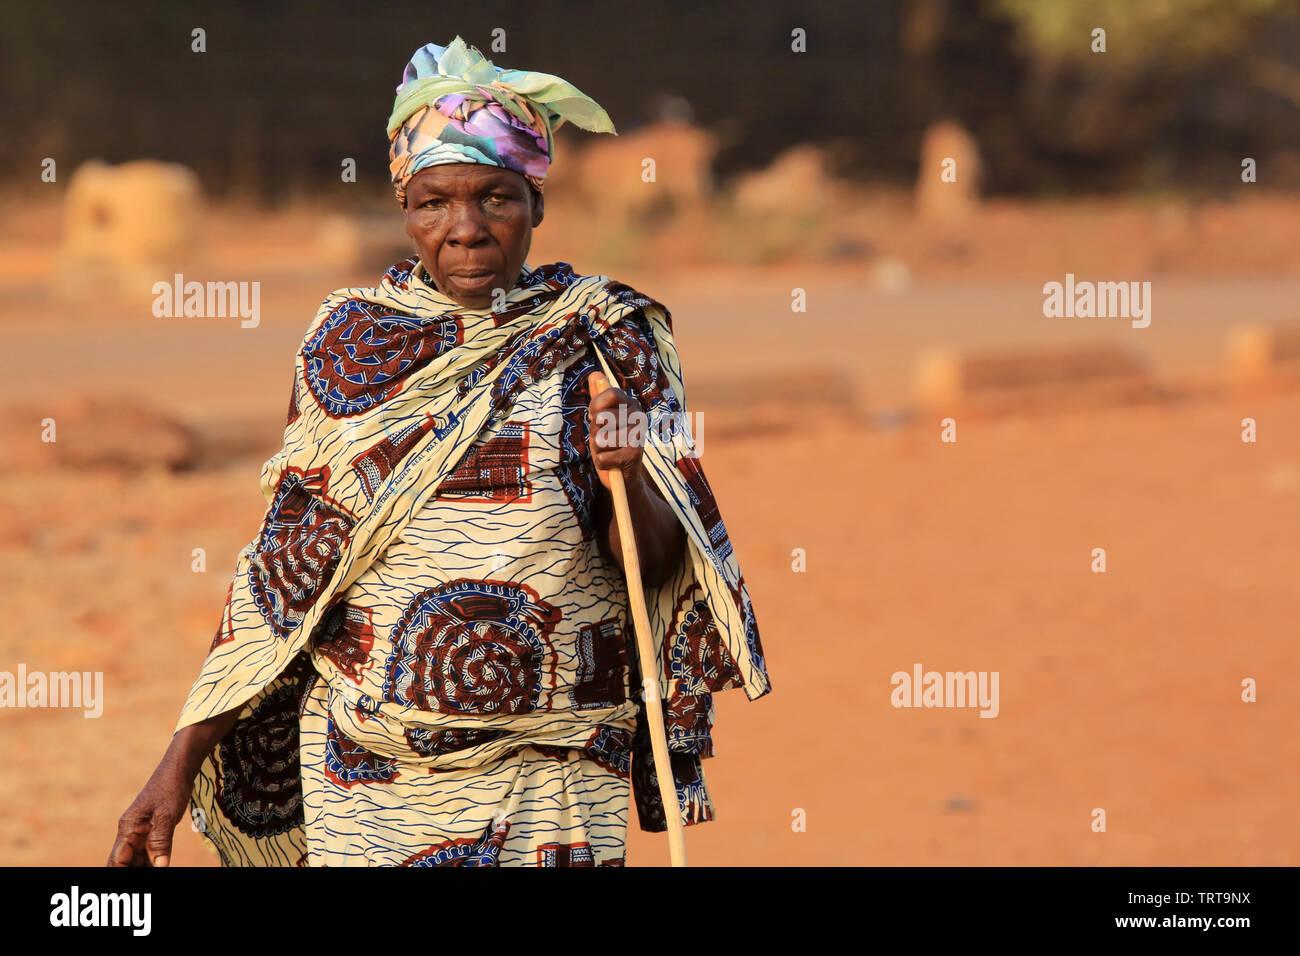 Femme togolaise.Togo. Afrique de l'Ouest. - Stock Image